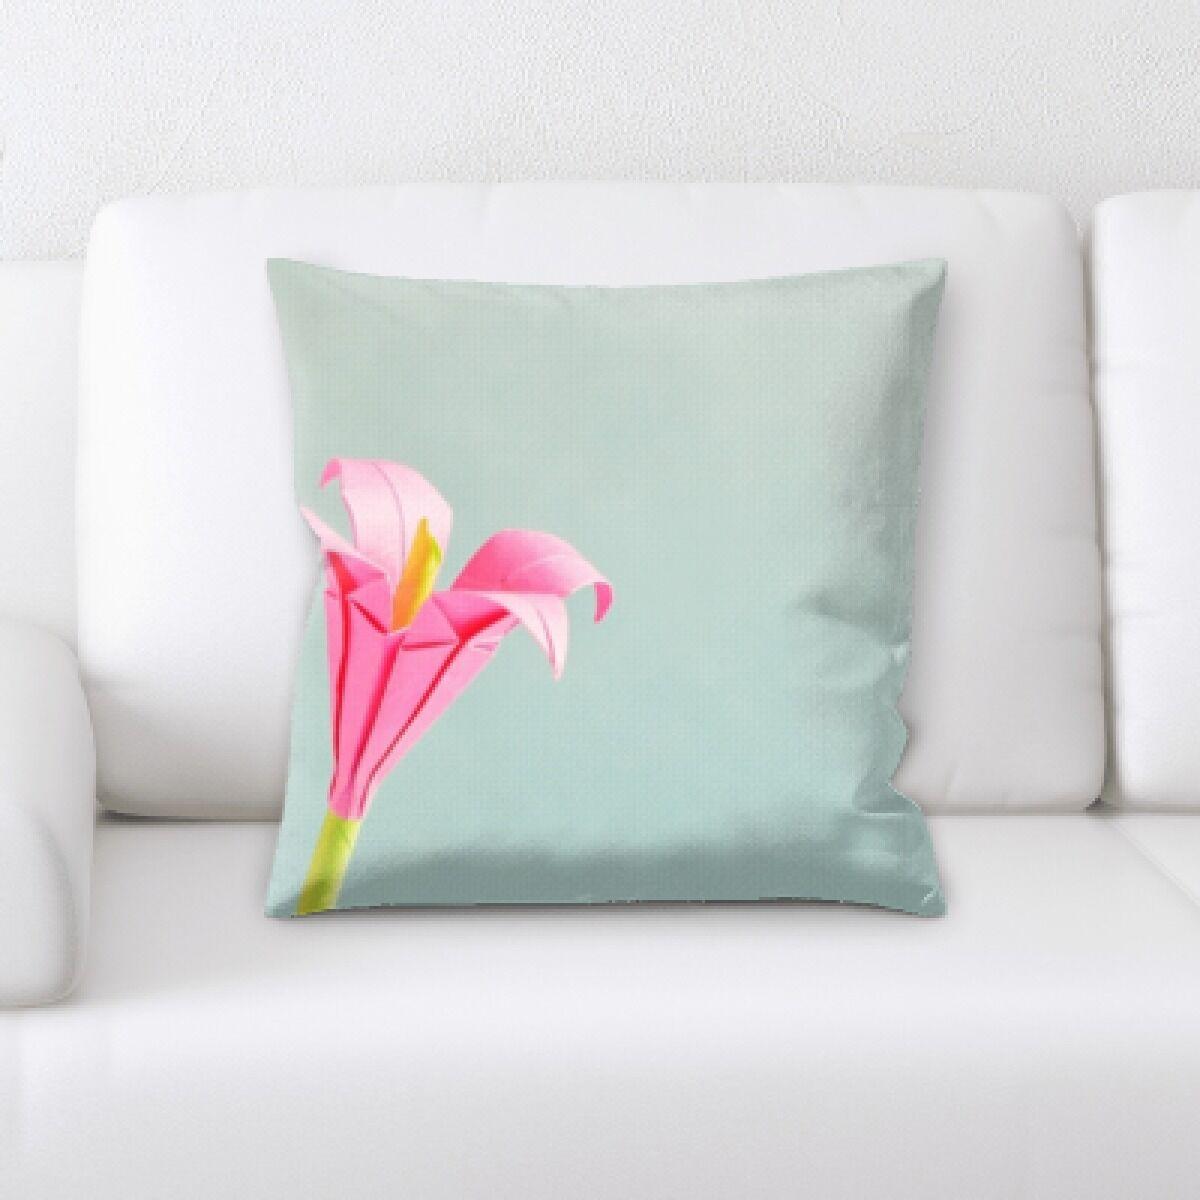 Grondin Art and Craft Flower Art Paper Throw Pillow